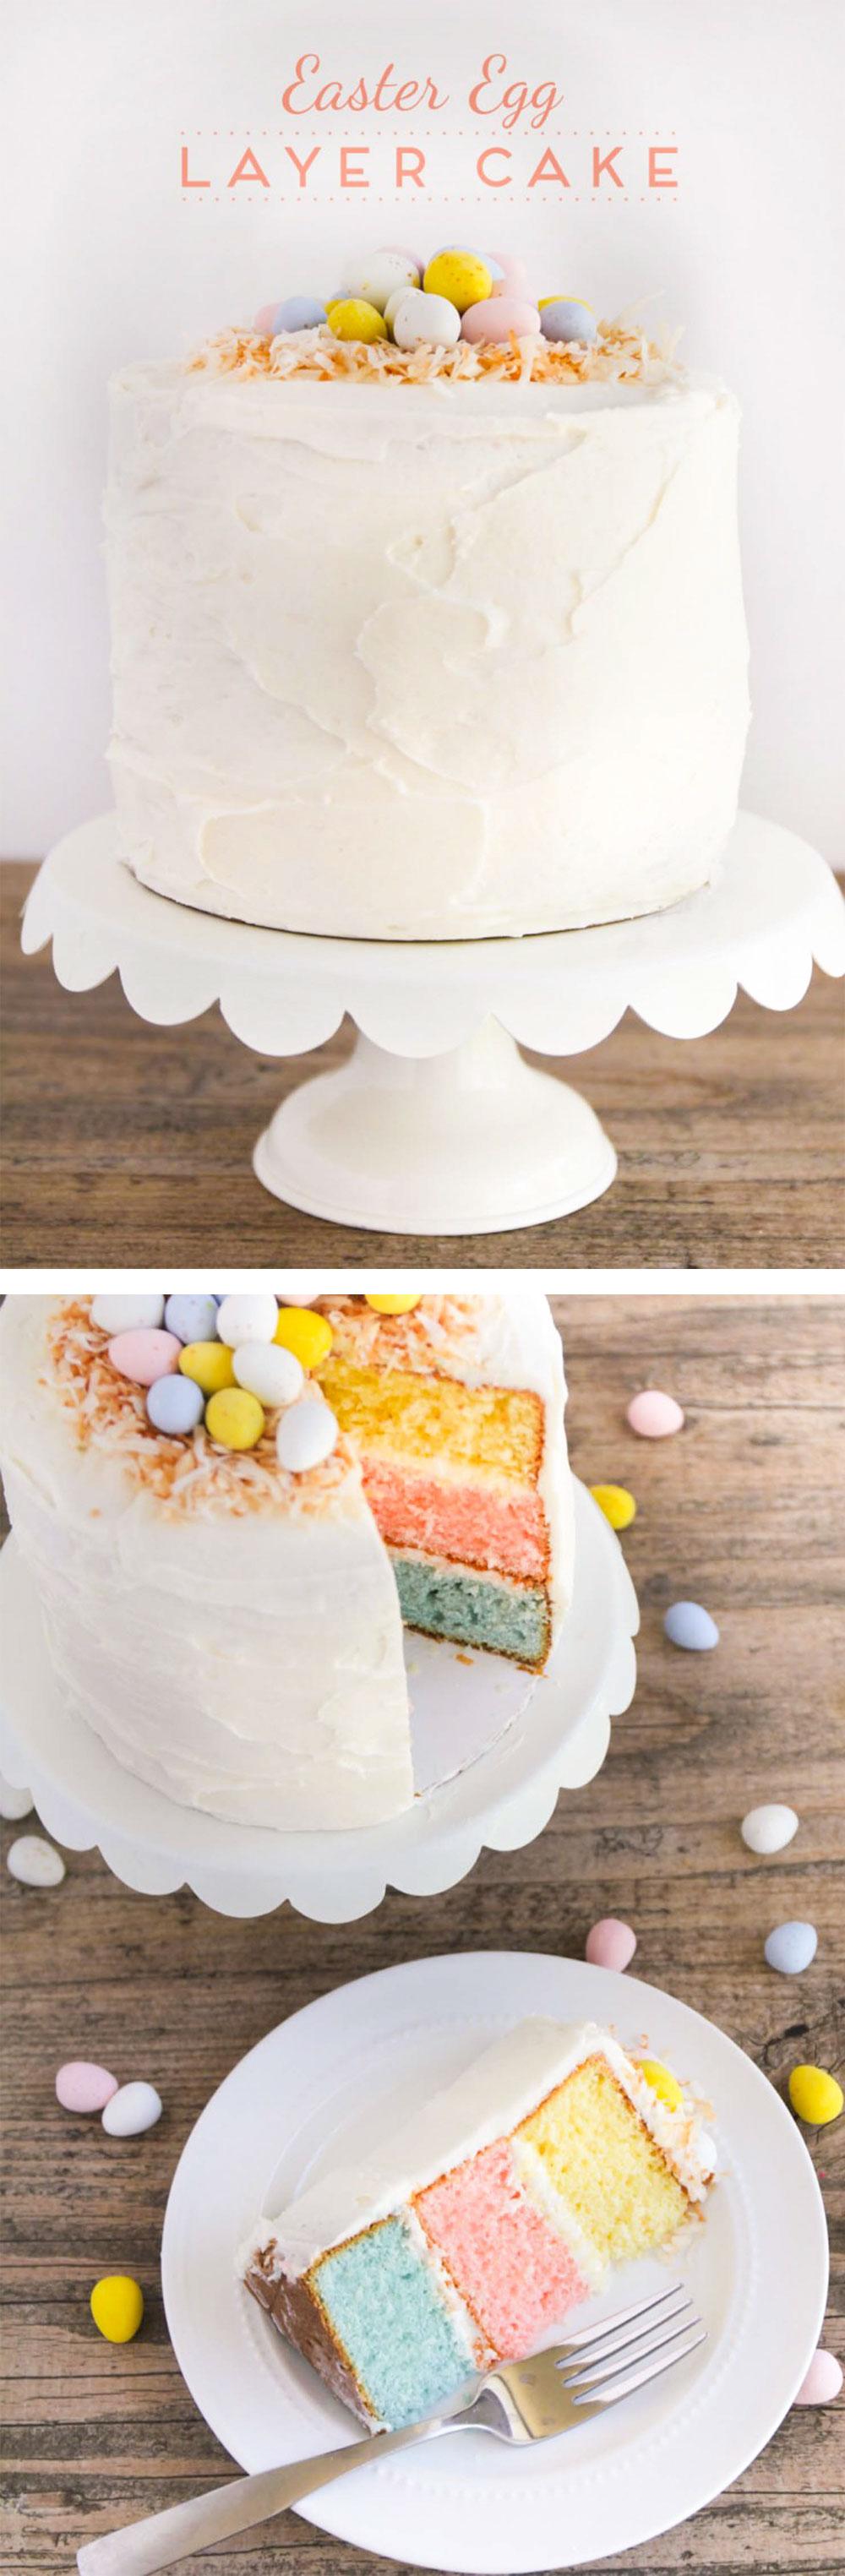 Easter-egg-layer-cake